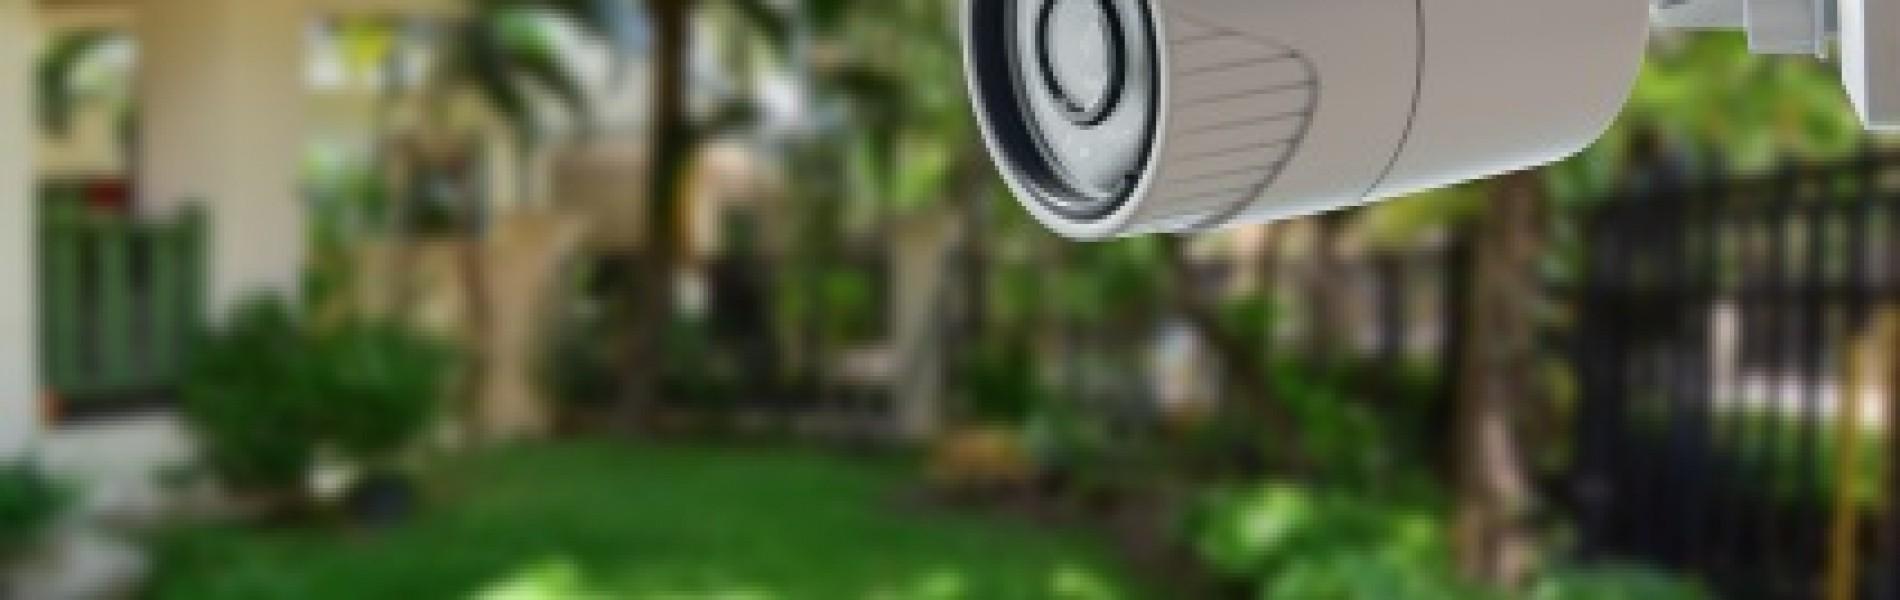 La caméra connectée : un allié de taille contre les intrusions à domicile